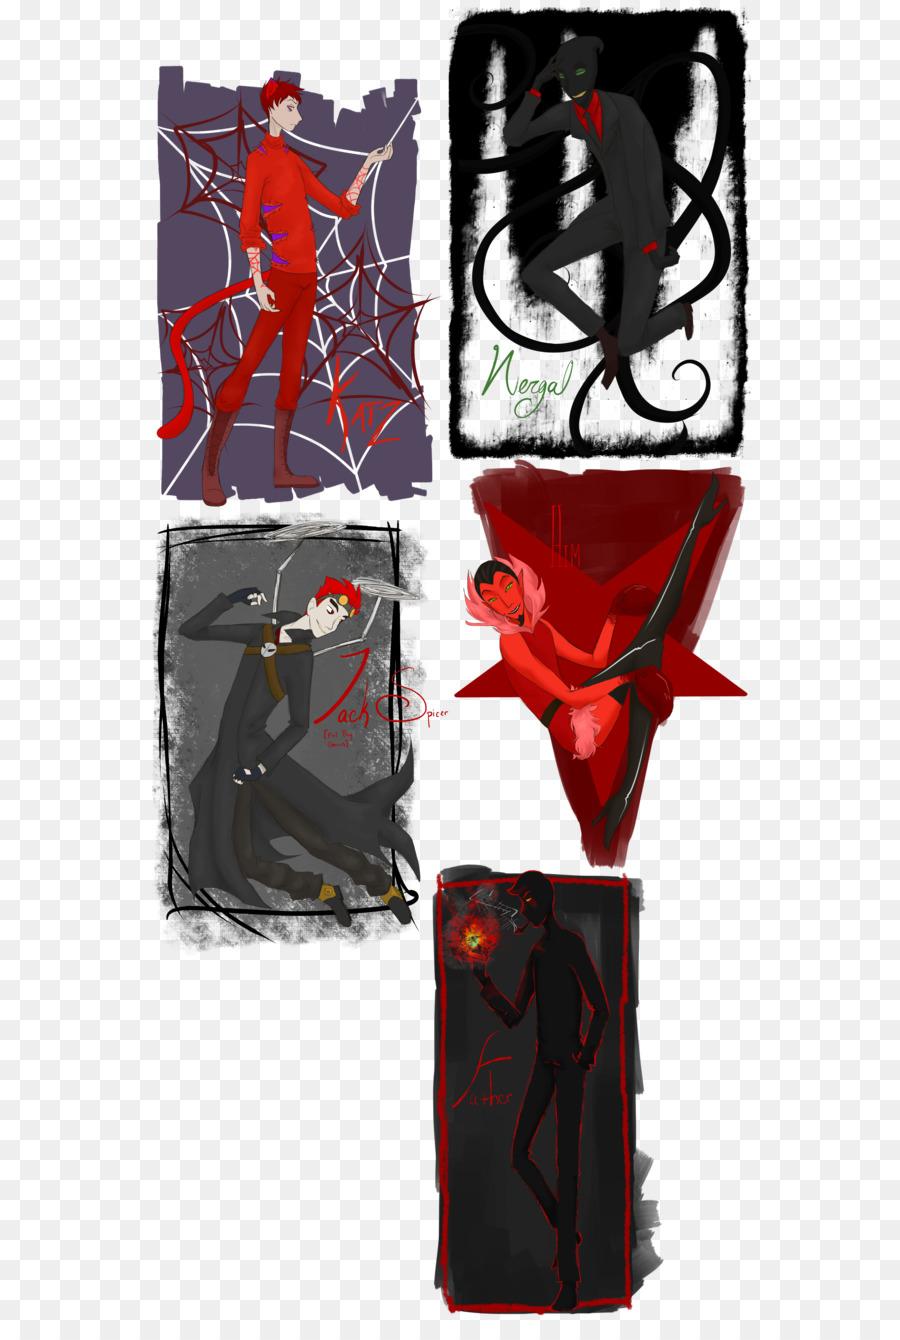 Descarga gratuita de Diseño Gráfico, Personaje Imágen de Png